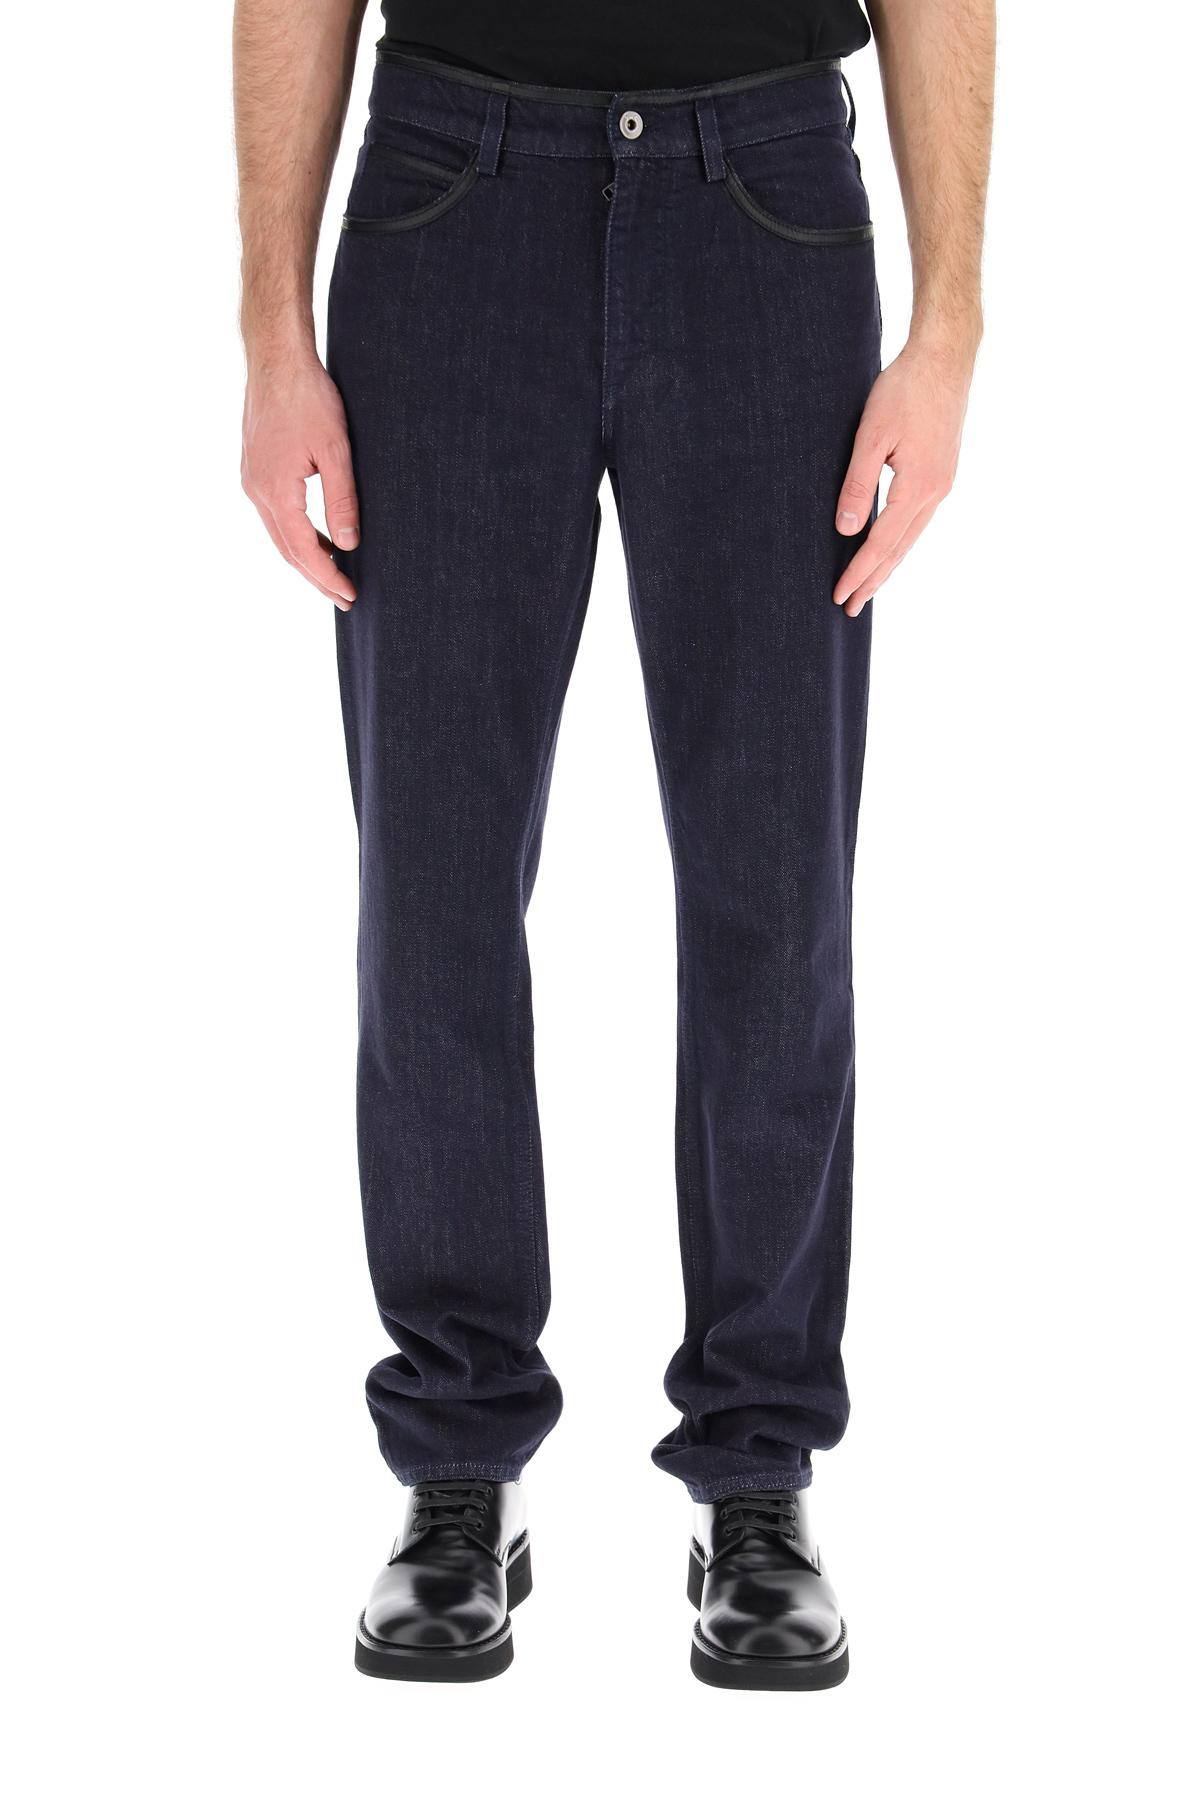 Salvatore ferragamo jeans con profili in pelle